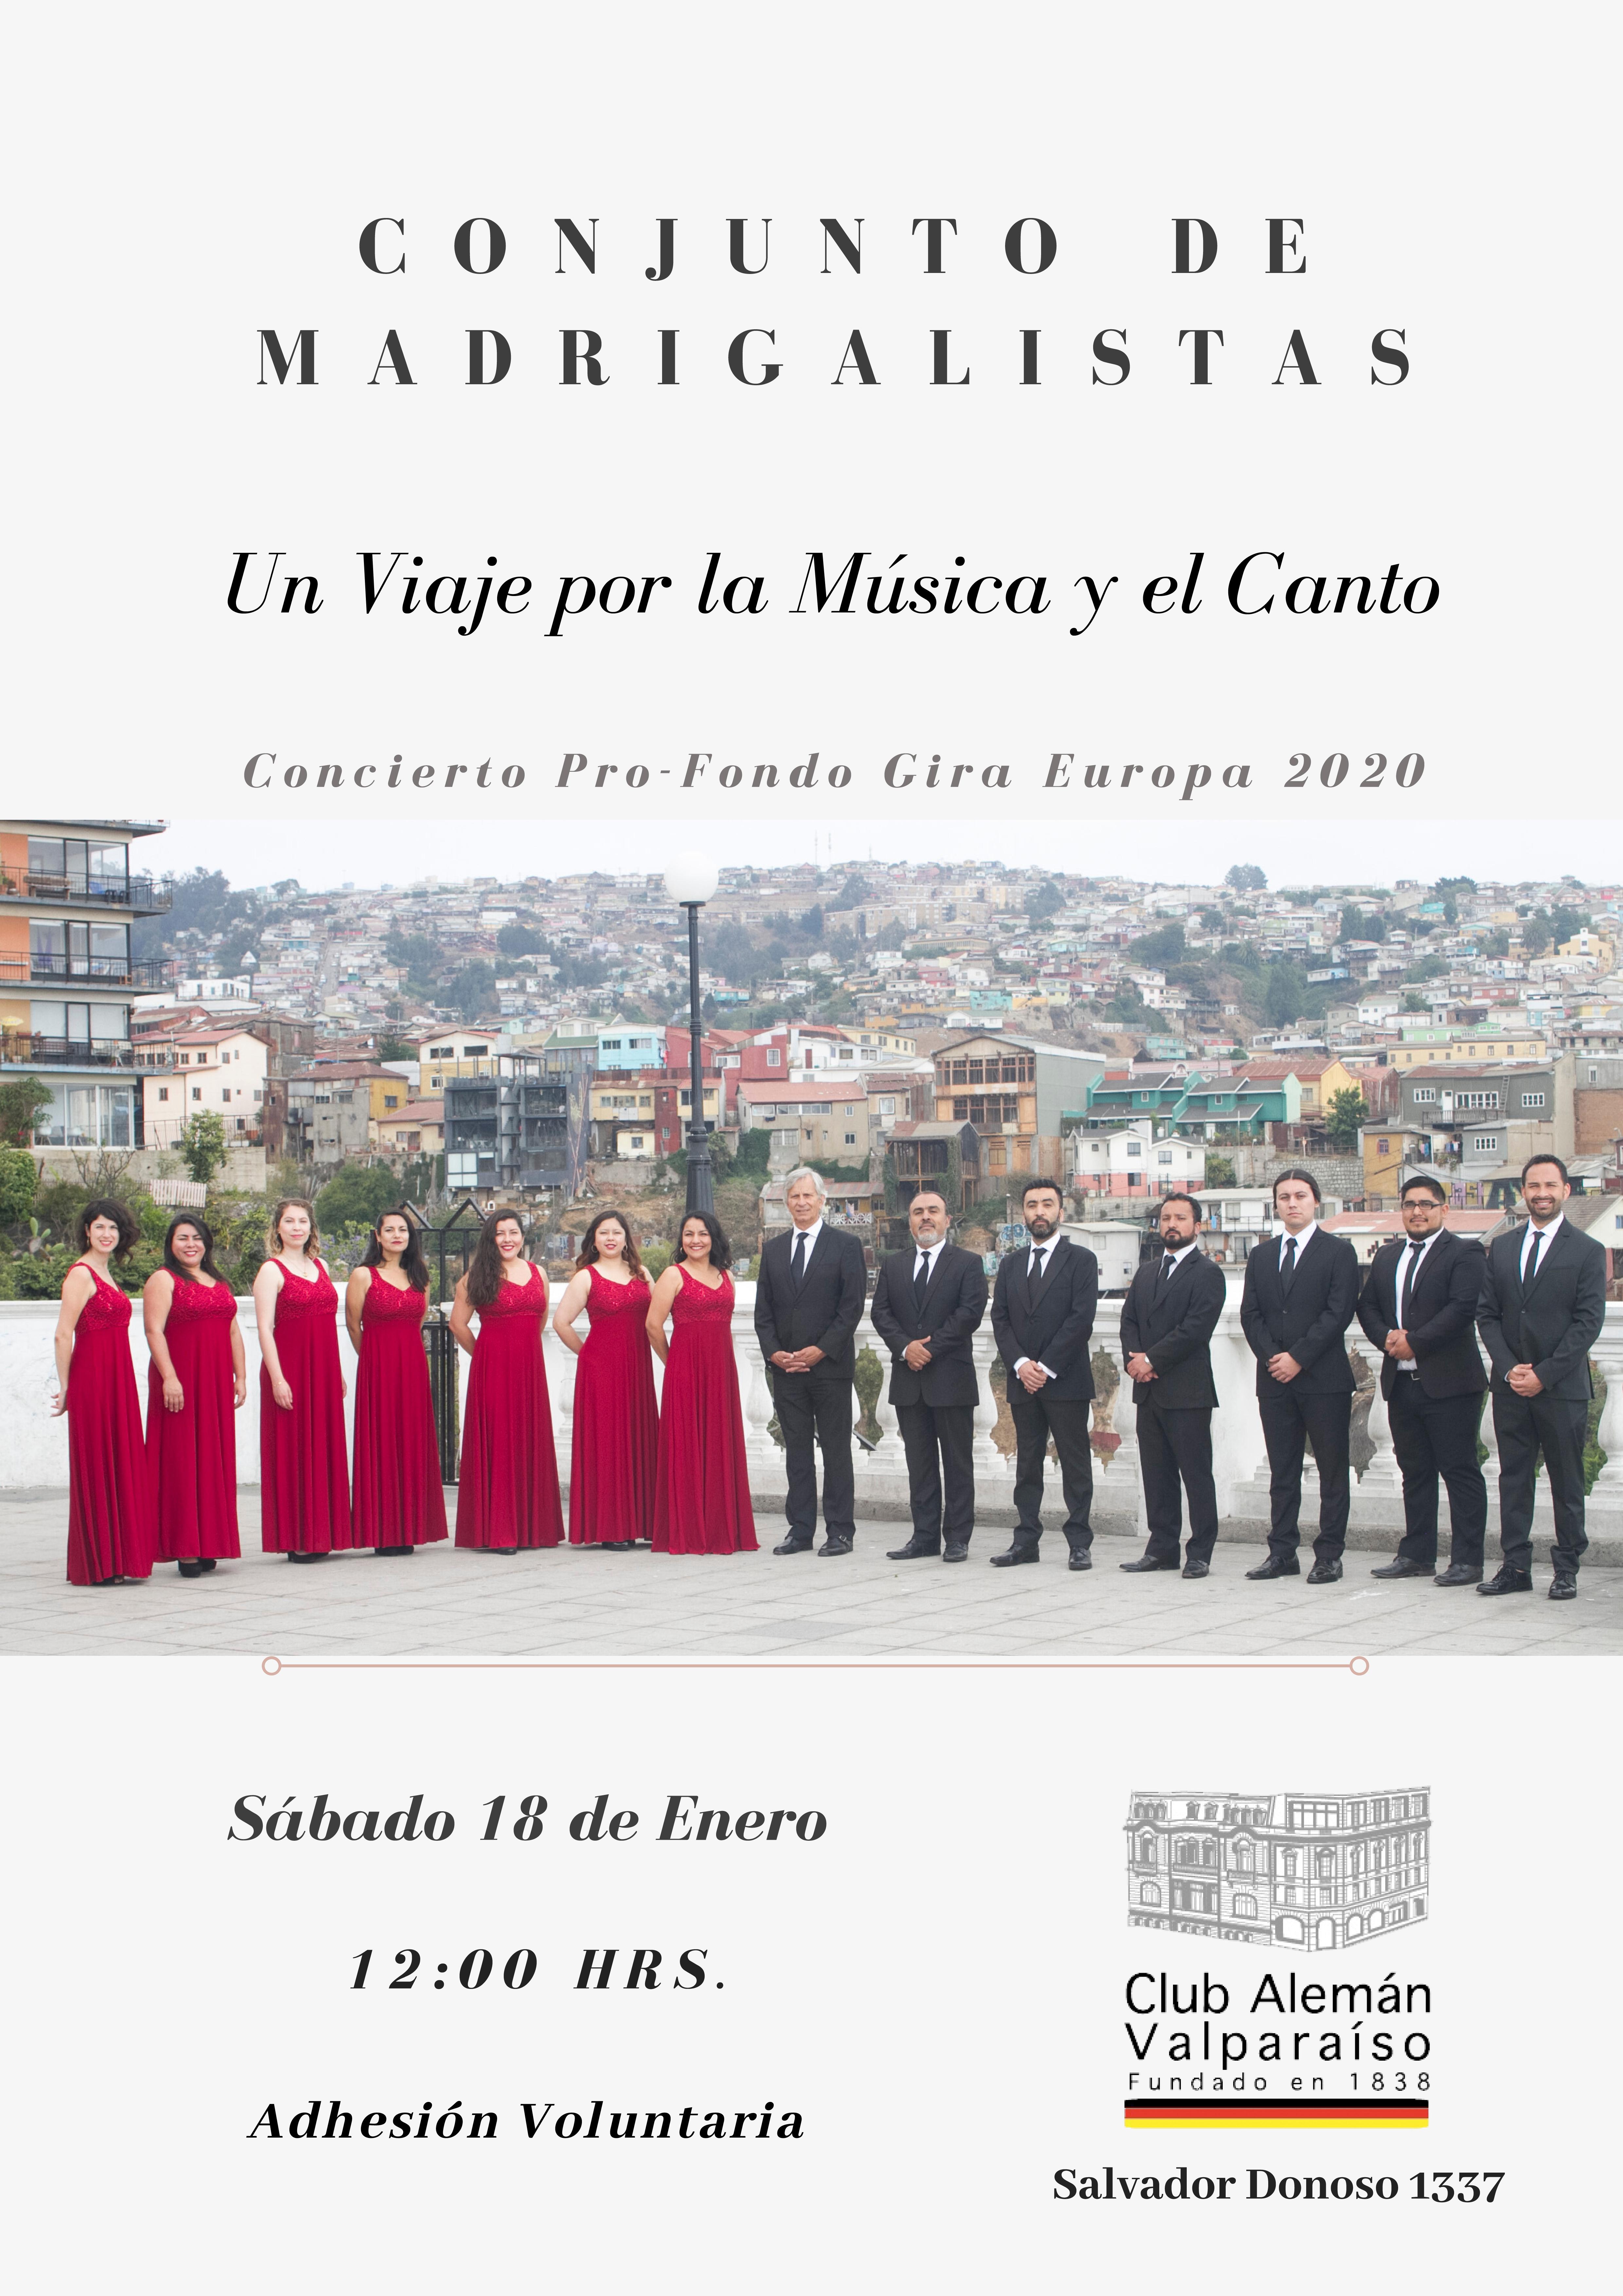 """Concierto """"Un viaje por la música y el canto"""" - Conjunto de Madrigalistas Upla"""